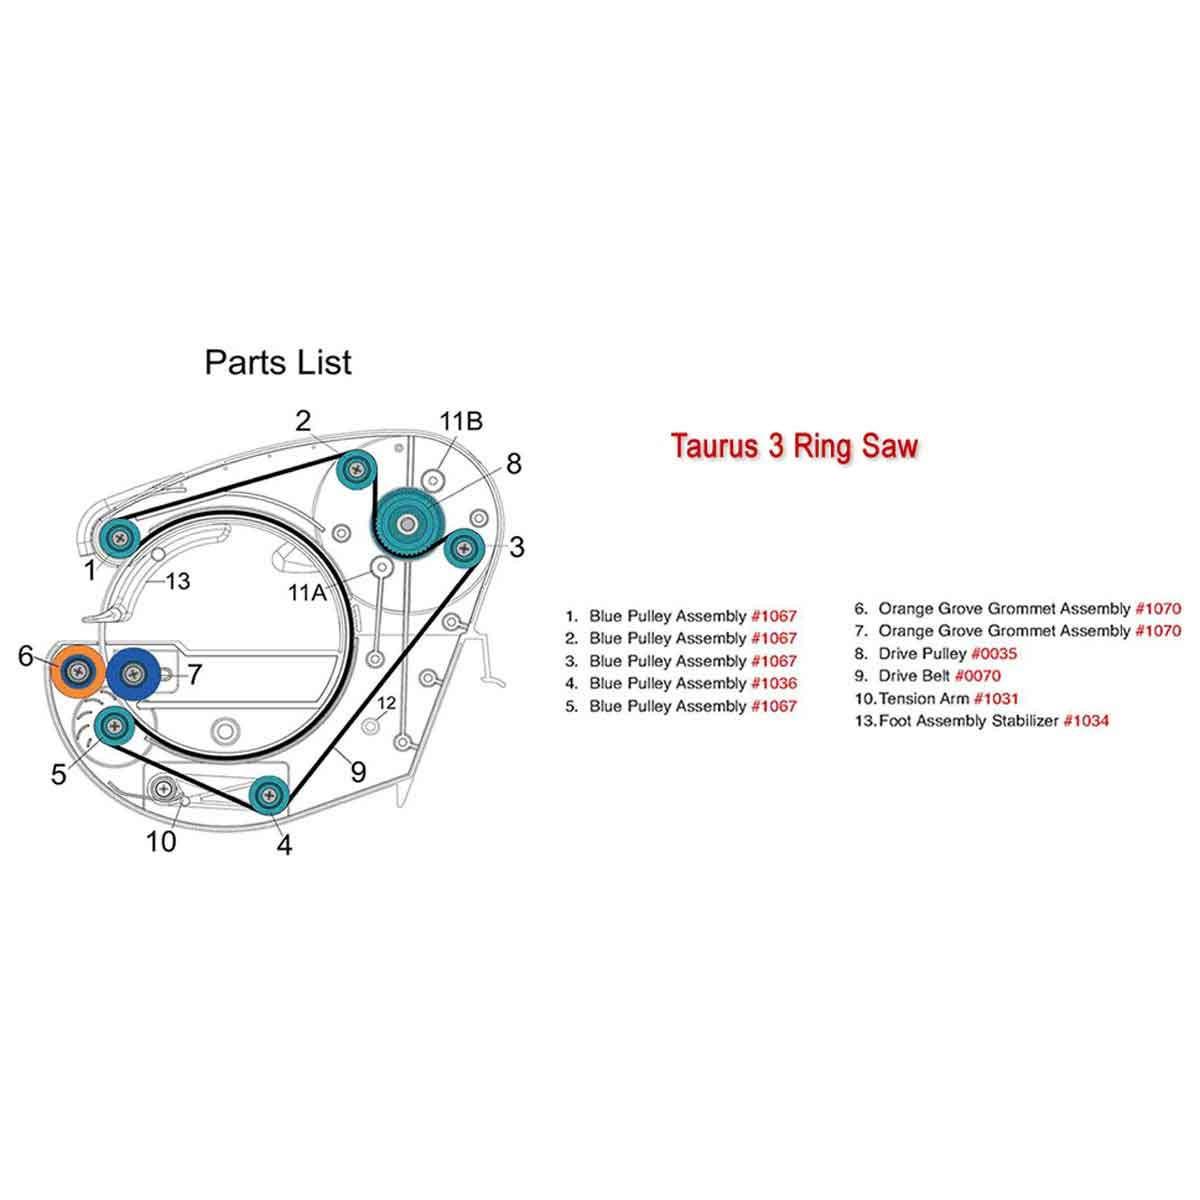 used Gemini Taurus 3 Ring saw